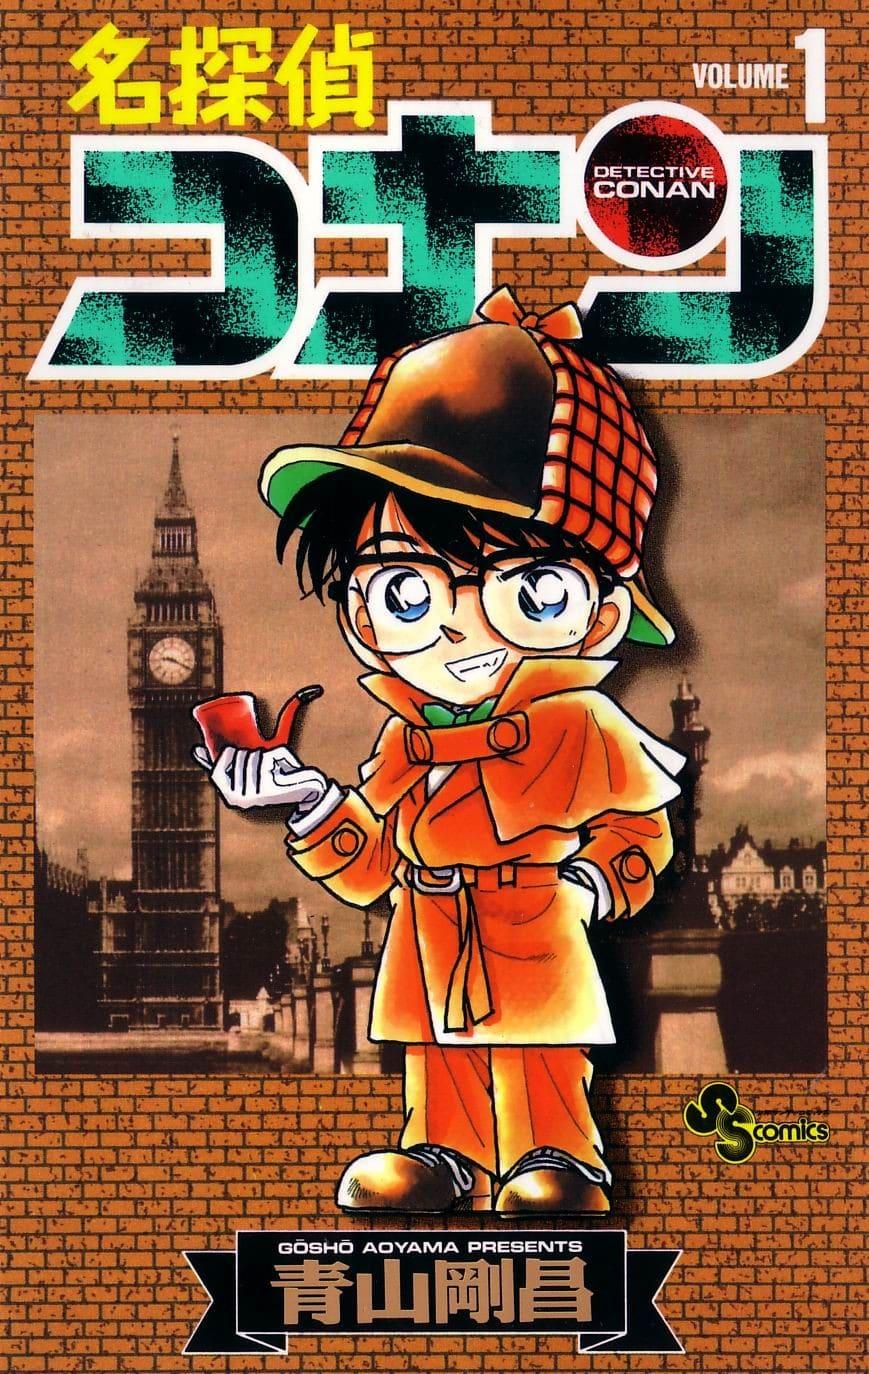 Wann ist Detektiv Conan zu Ende?